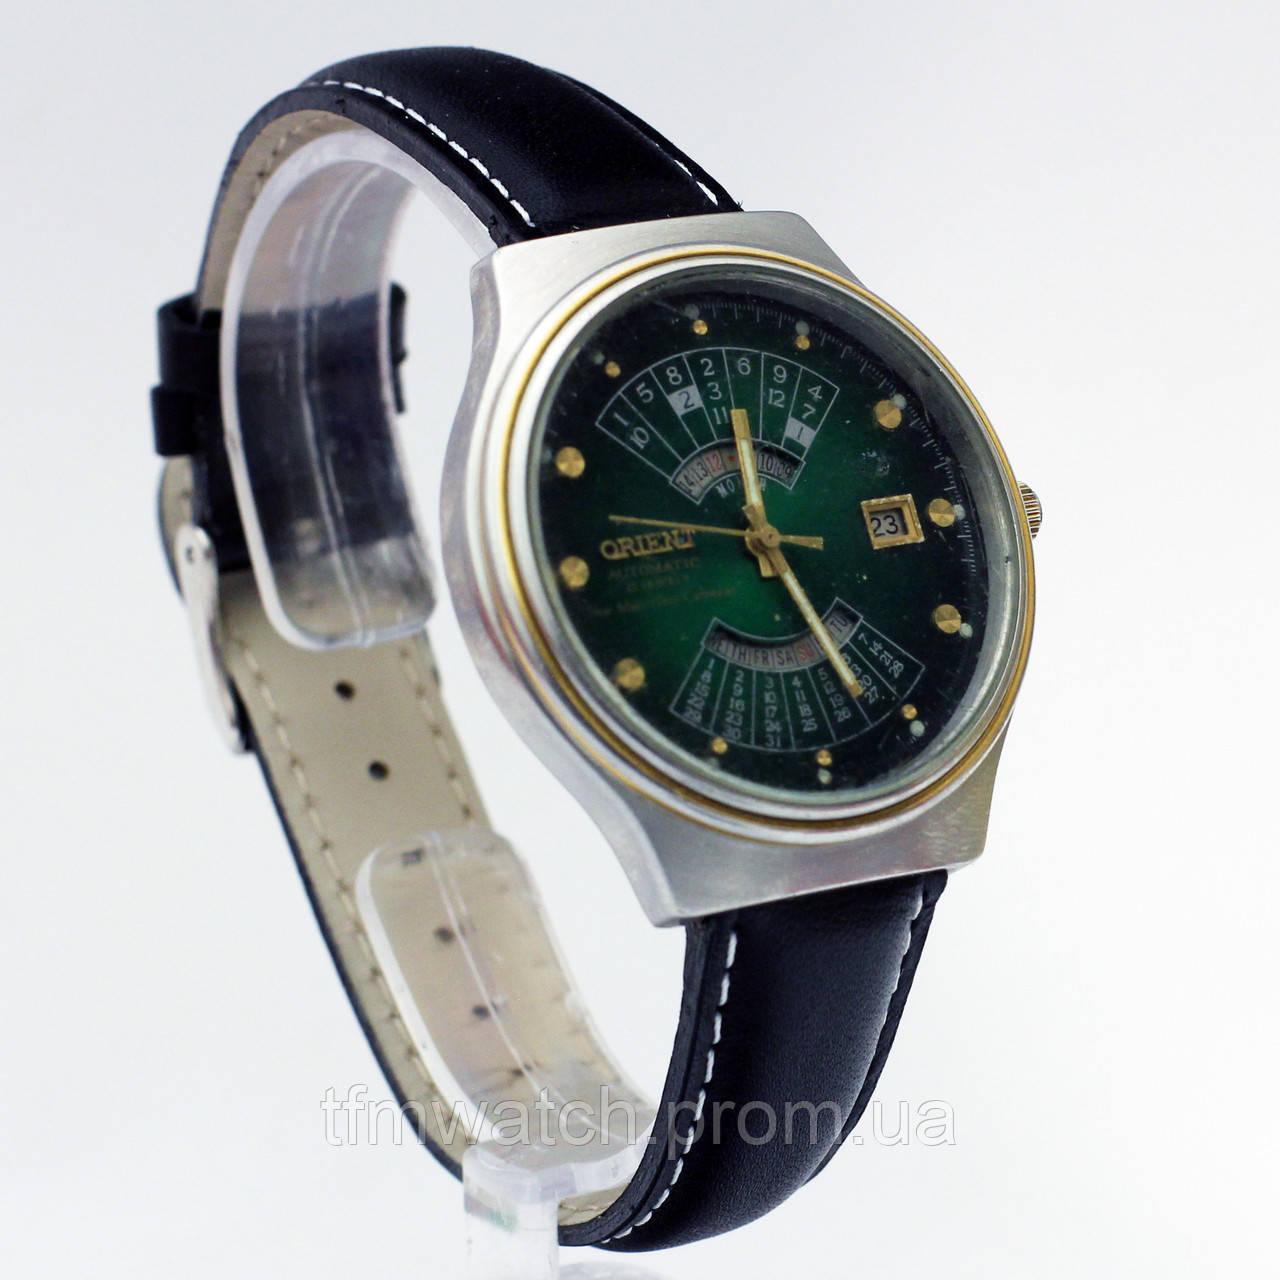 Мужские часы Ориент с автоподзаводом